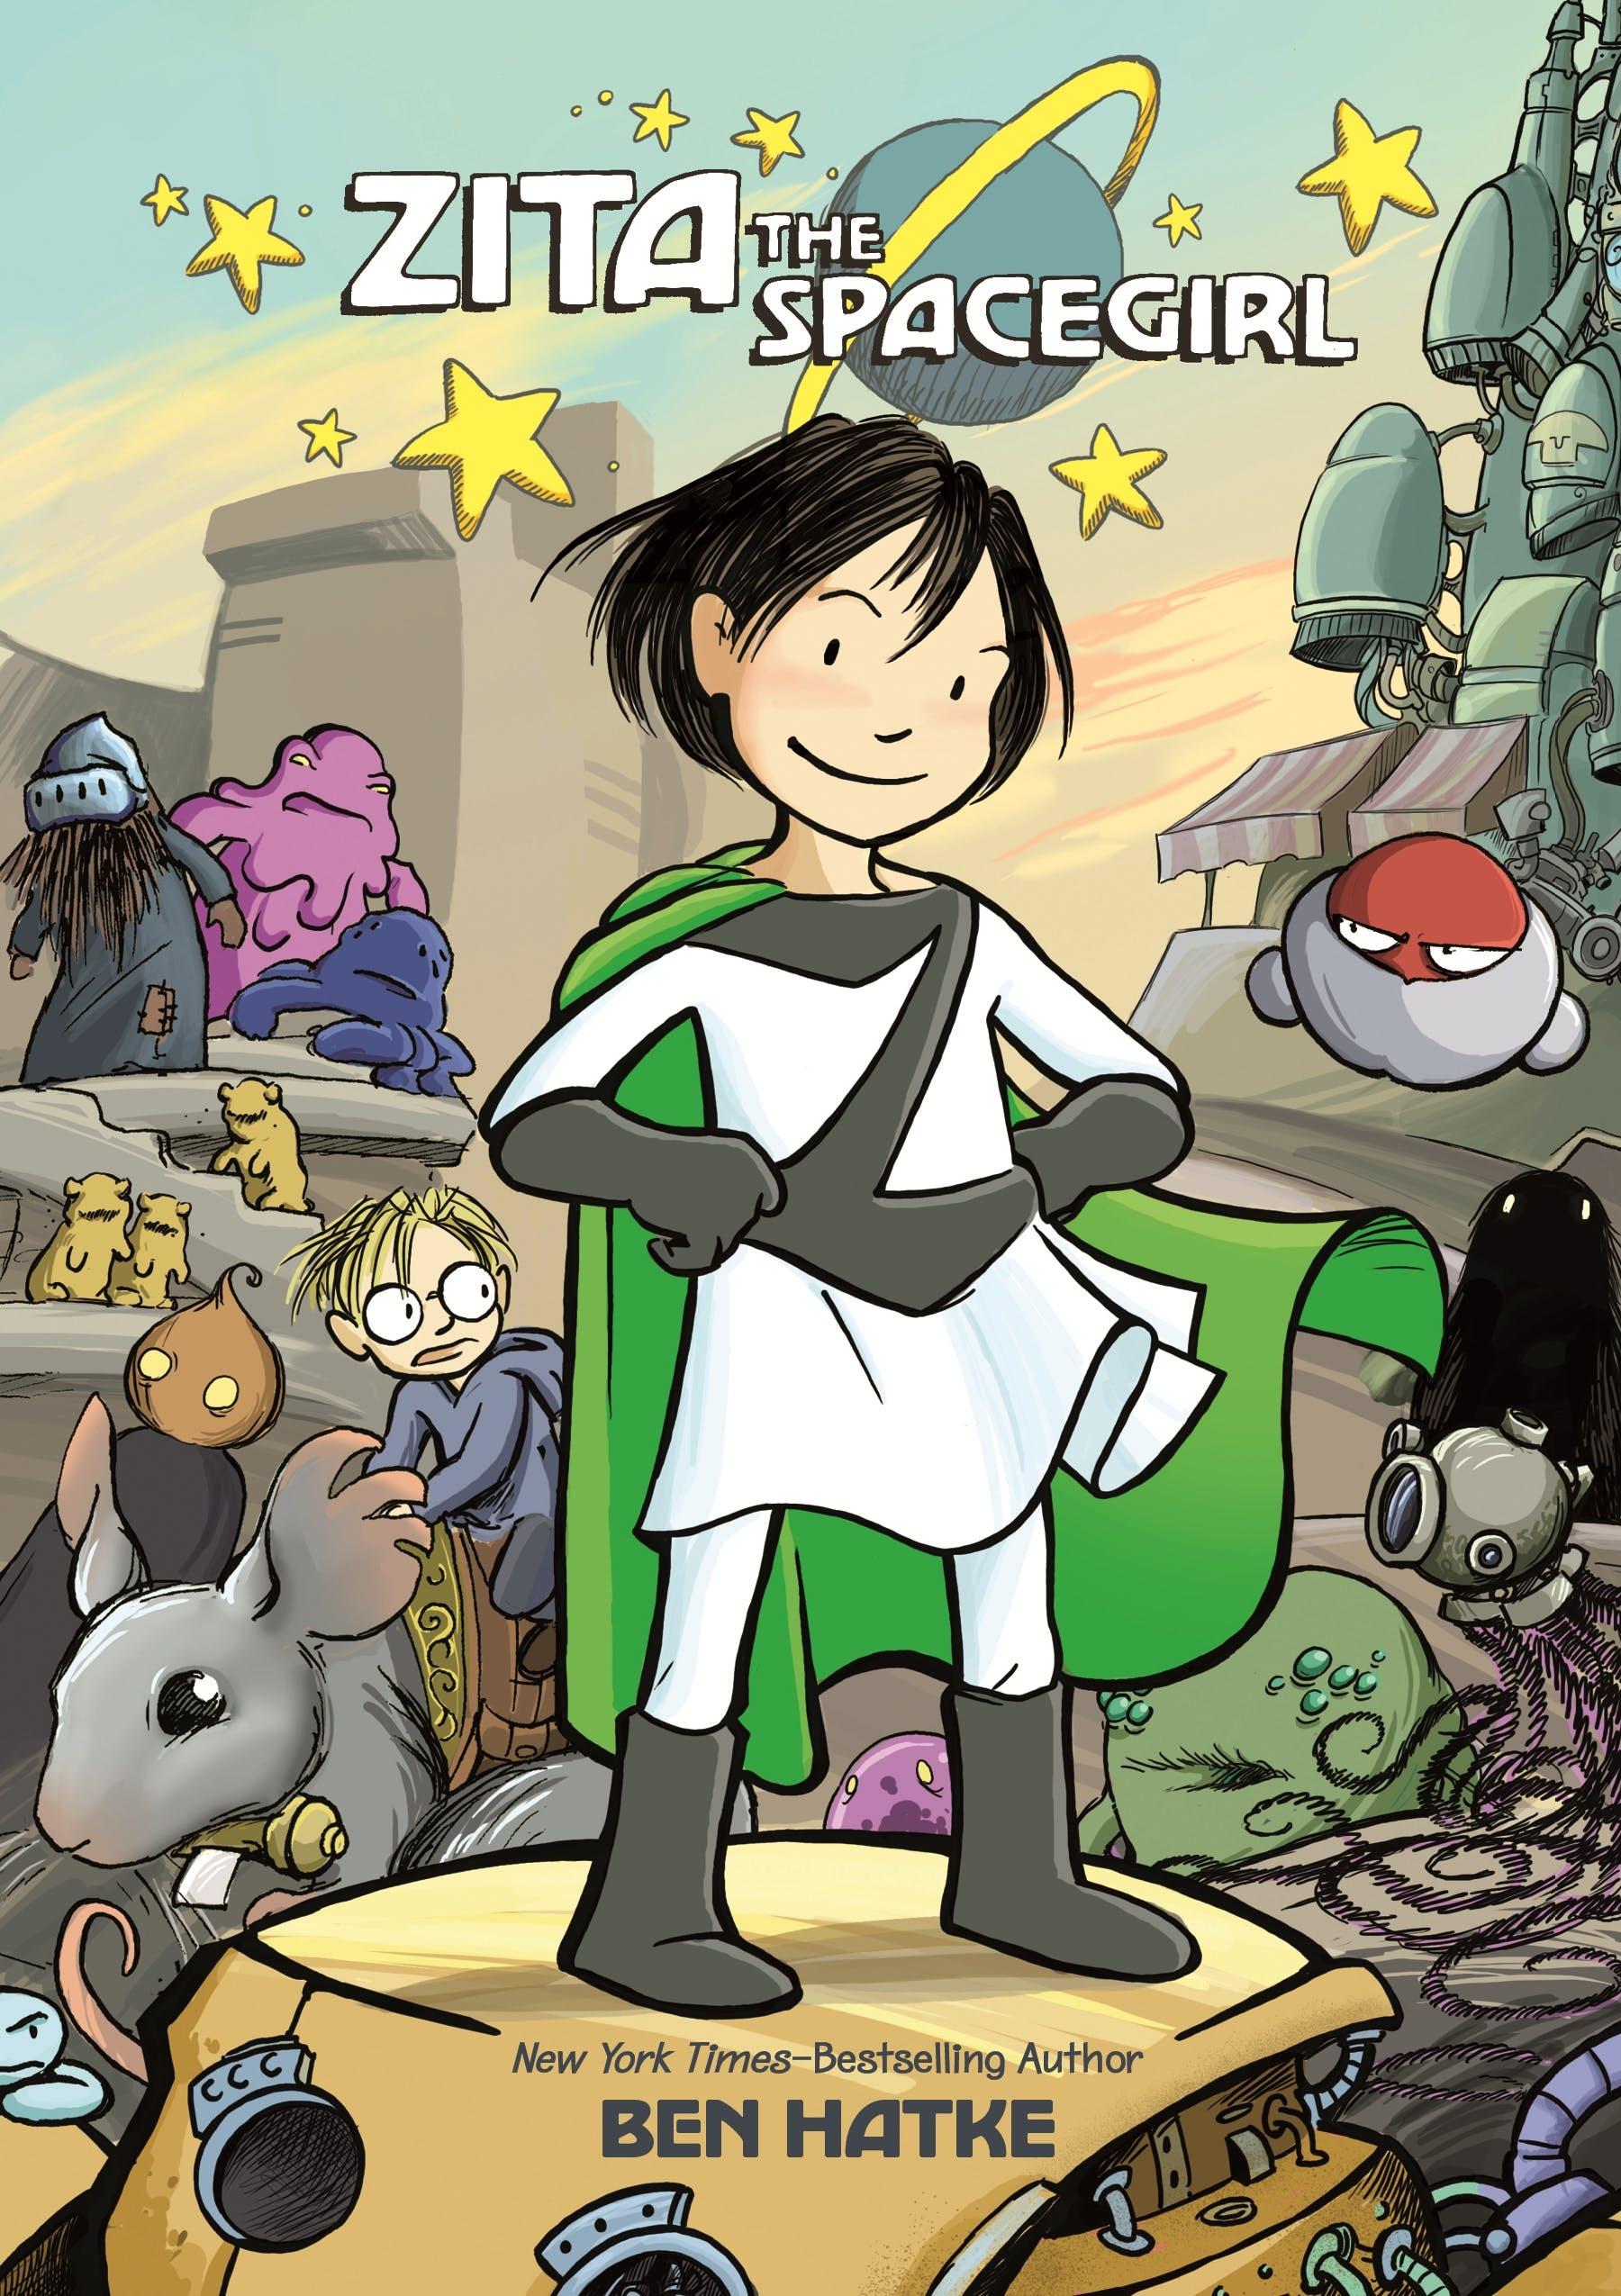 Image of Zita the Spacegirl